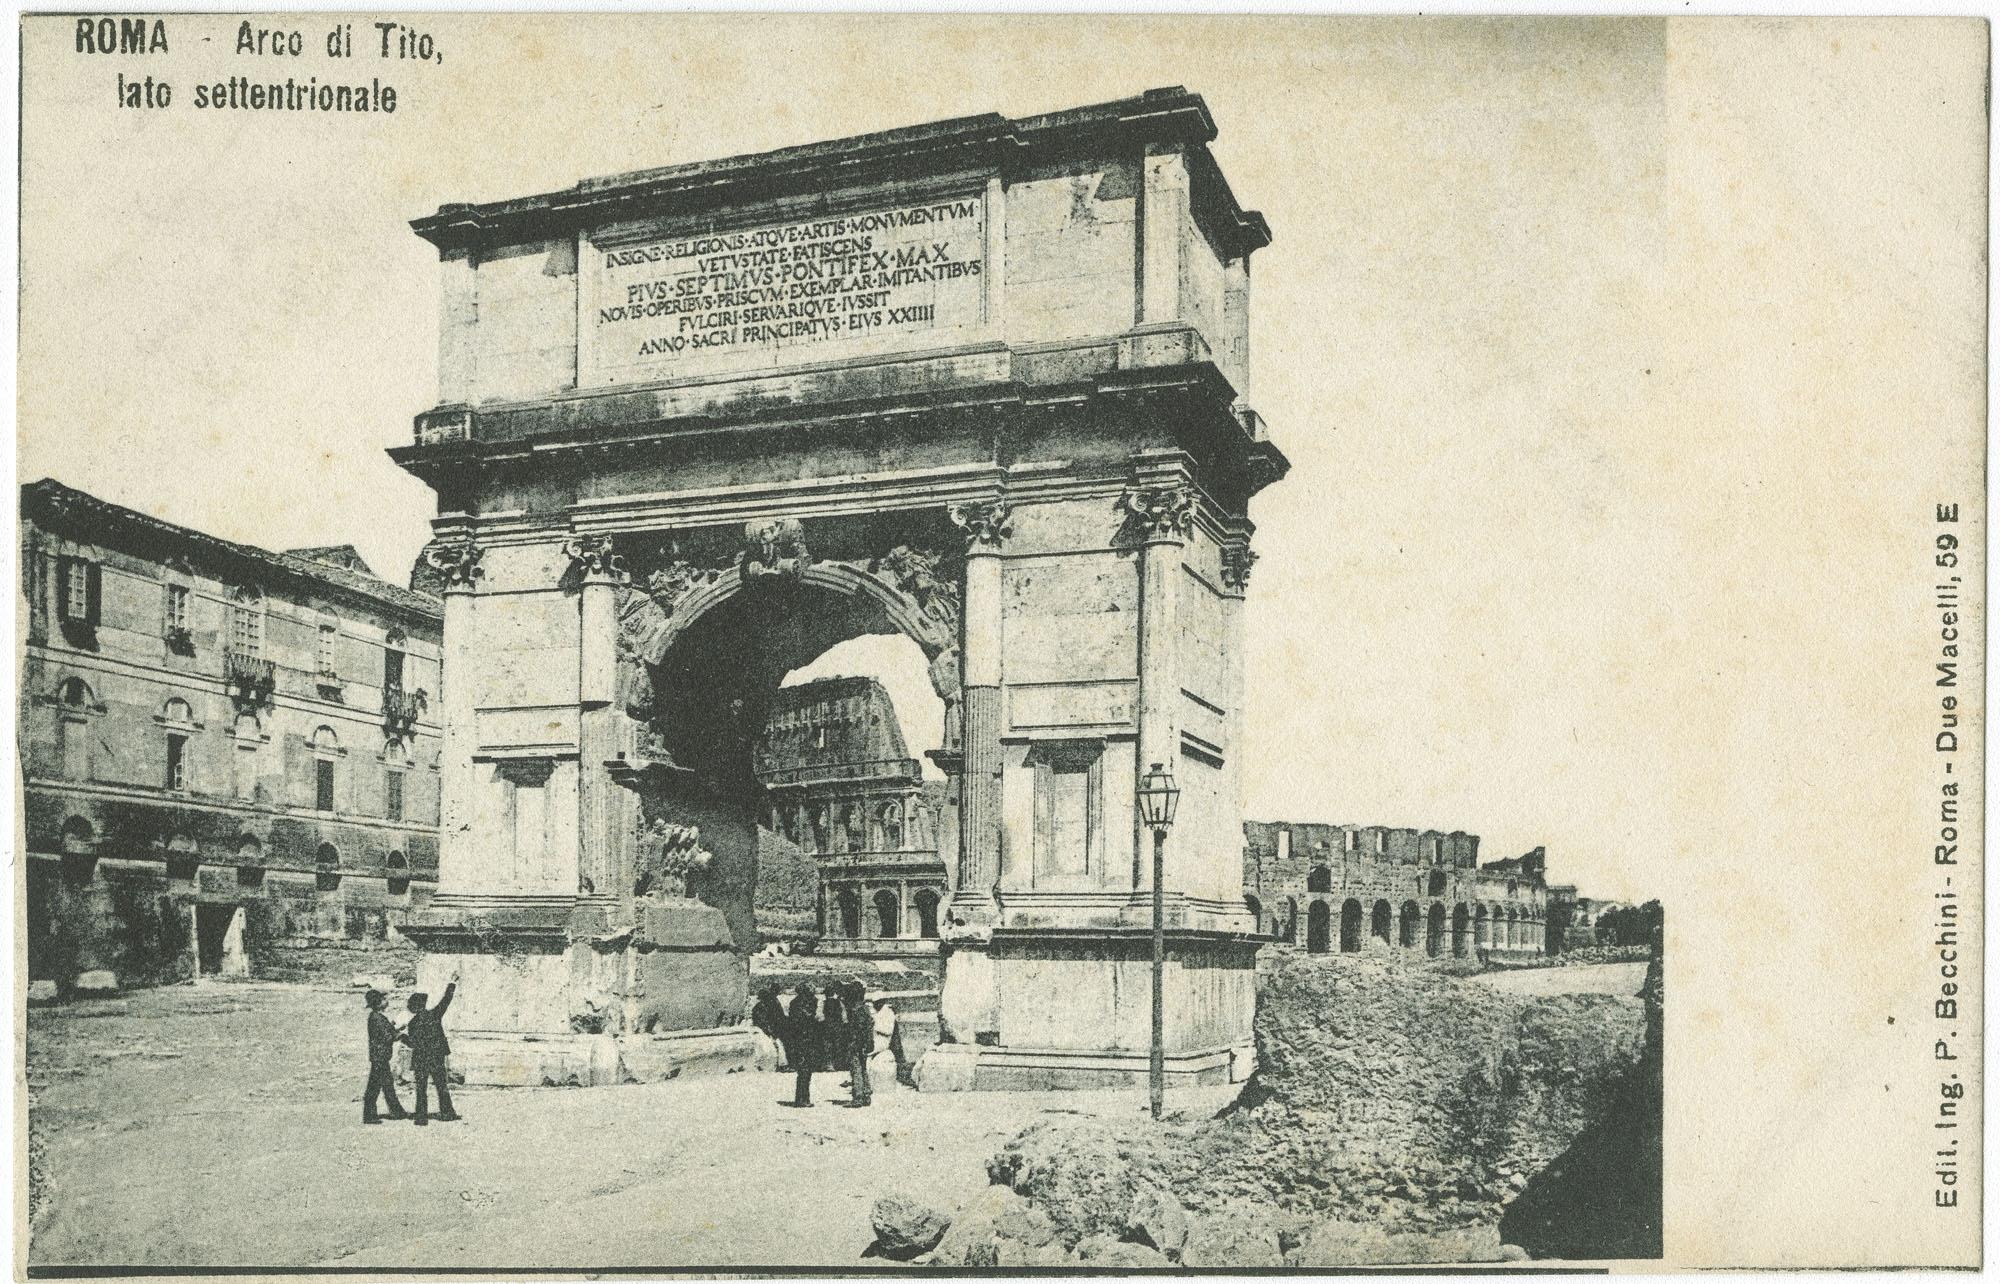 Roma - Arco di Tito, lato settentrionale